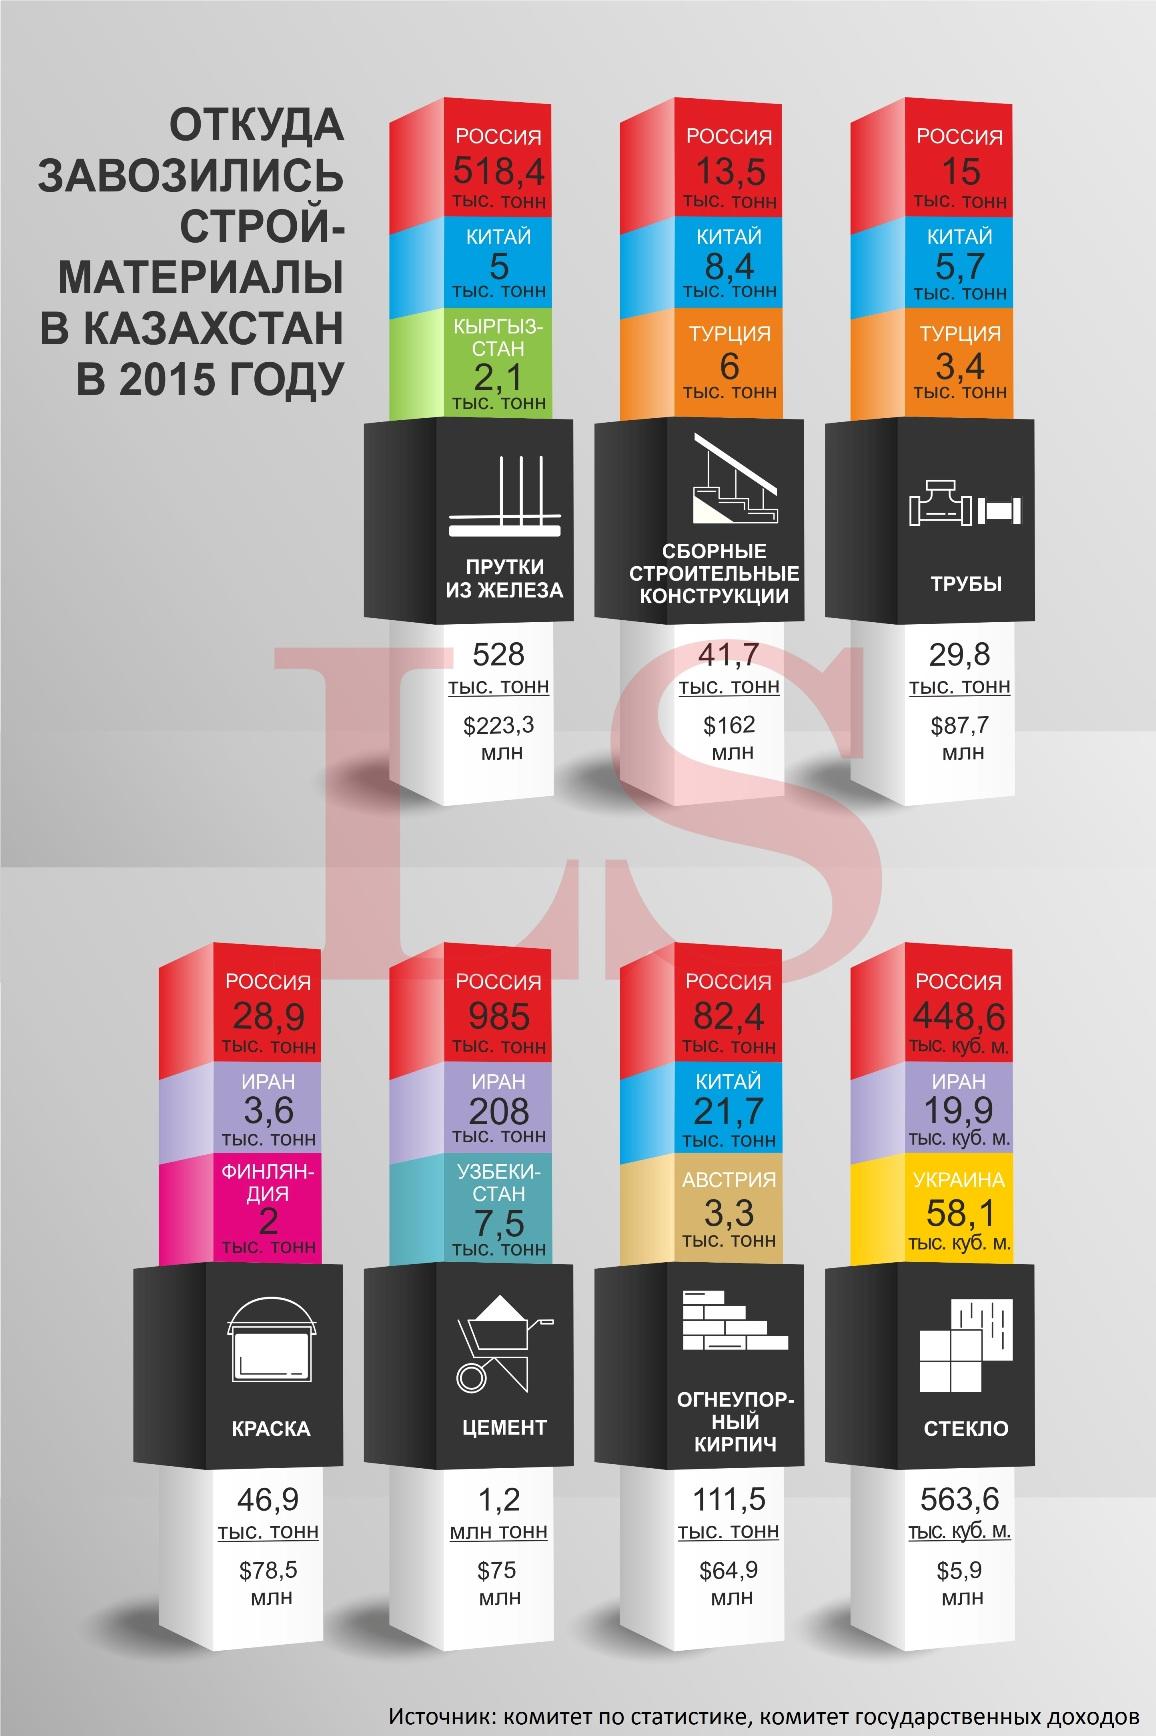 ctroimaterialy infografika lenoleum